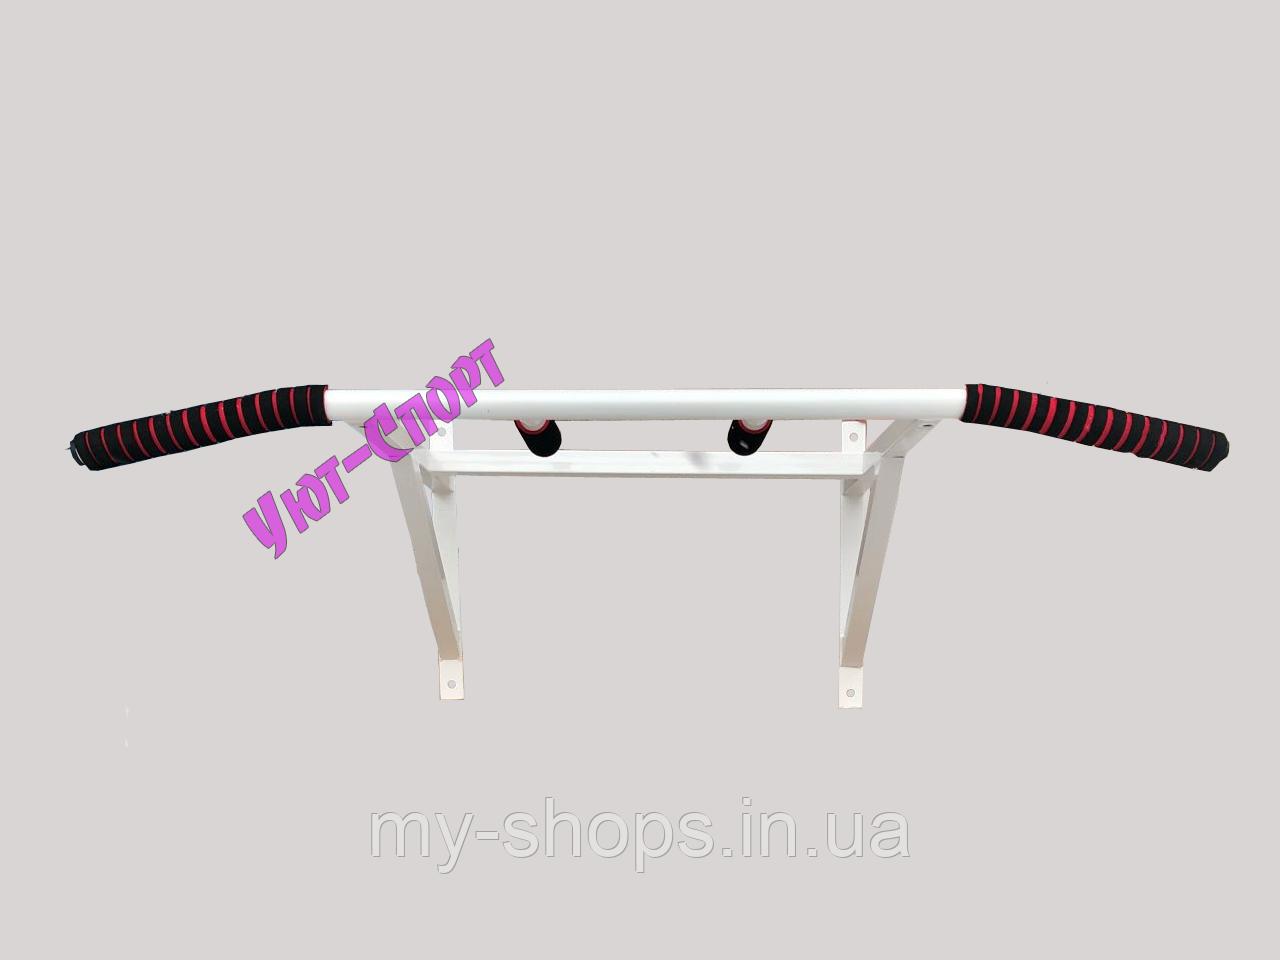 Турник усилиный (Олимпик)+параллельный хват-сварная конструкция (белый)